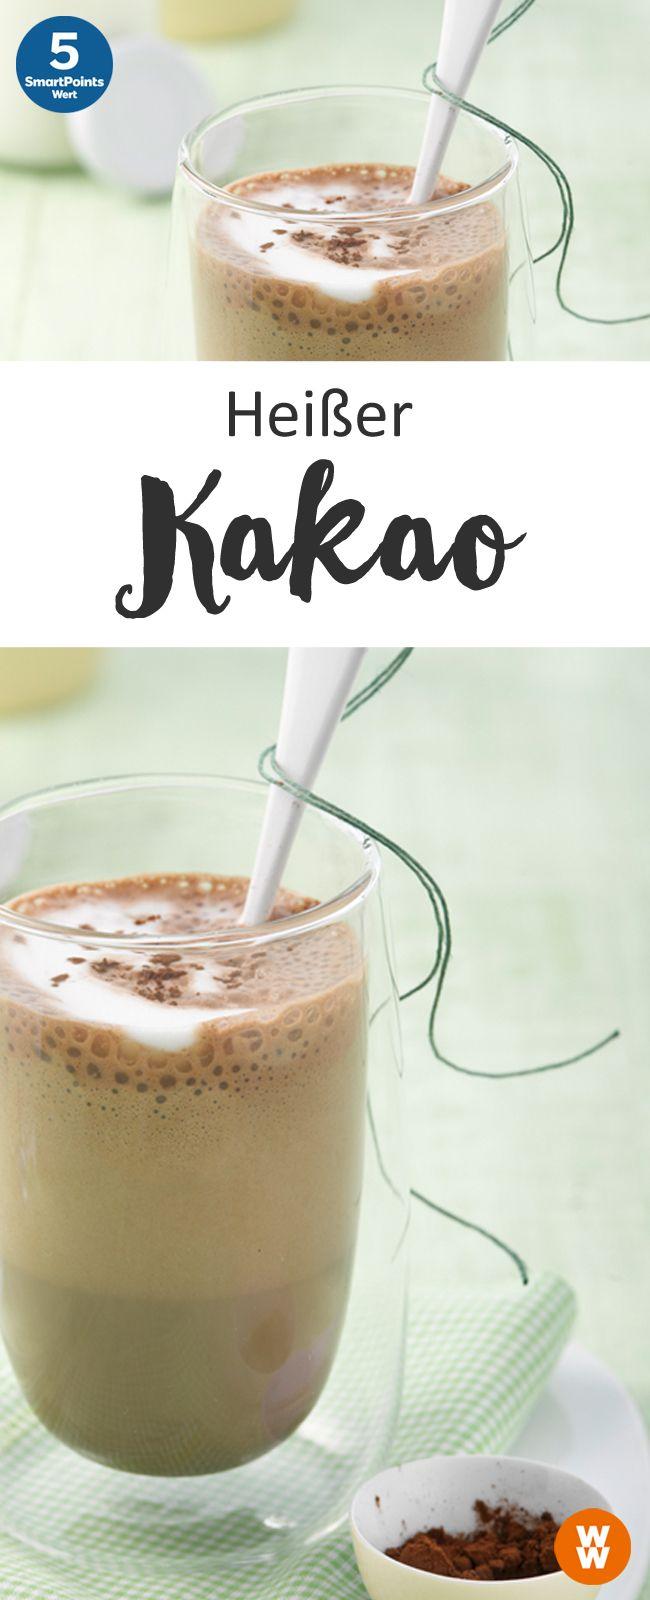 Heißer Kakao   5 SmartPoints/Portion, Weight Watchers, Desserts, fertig in 5 min.